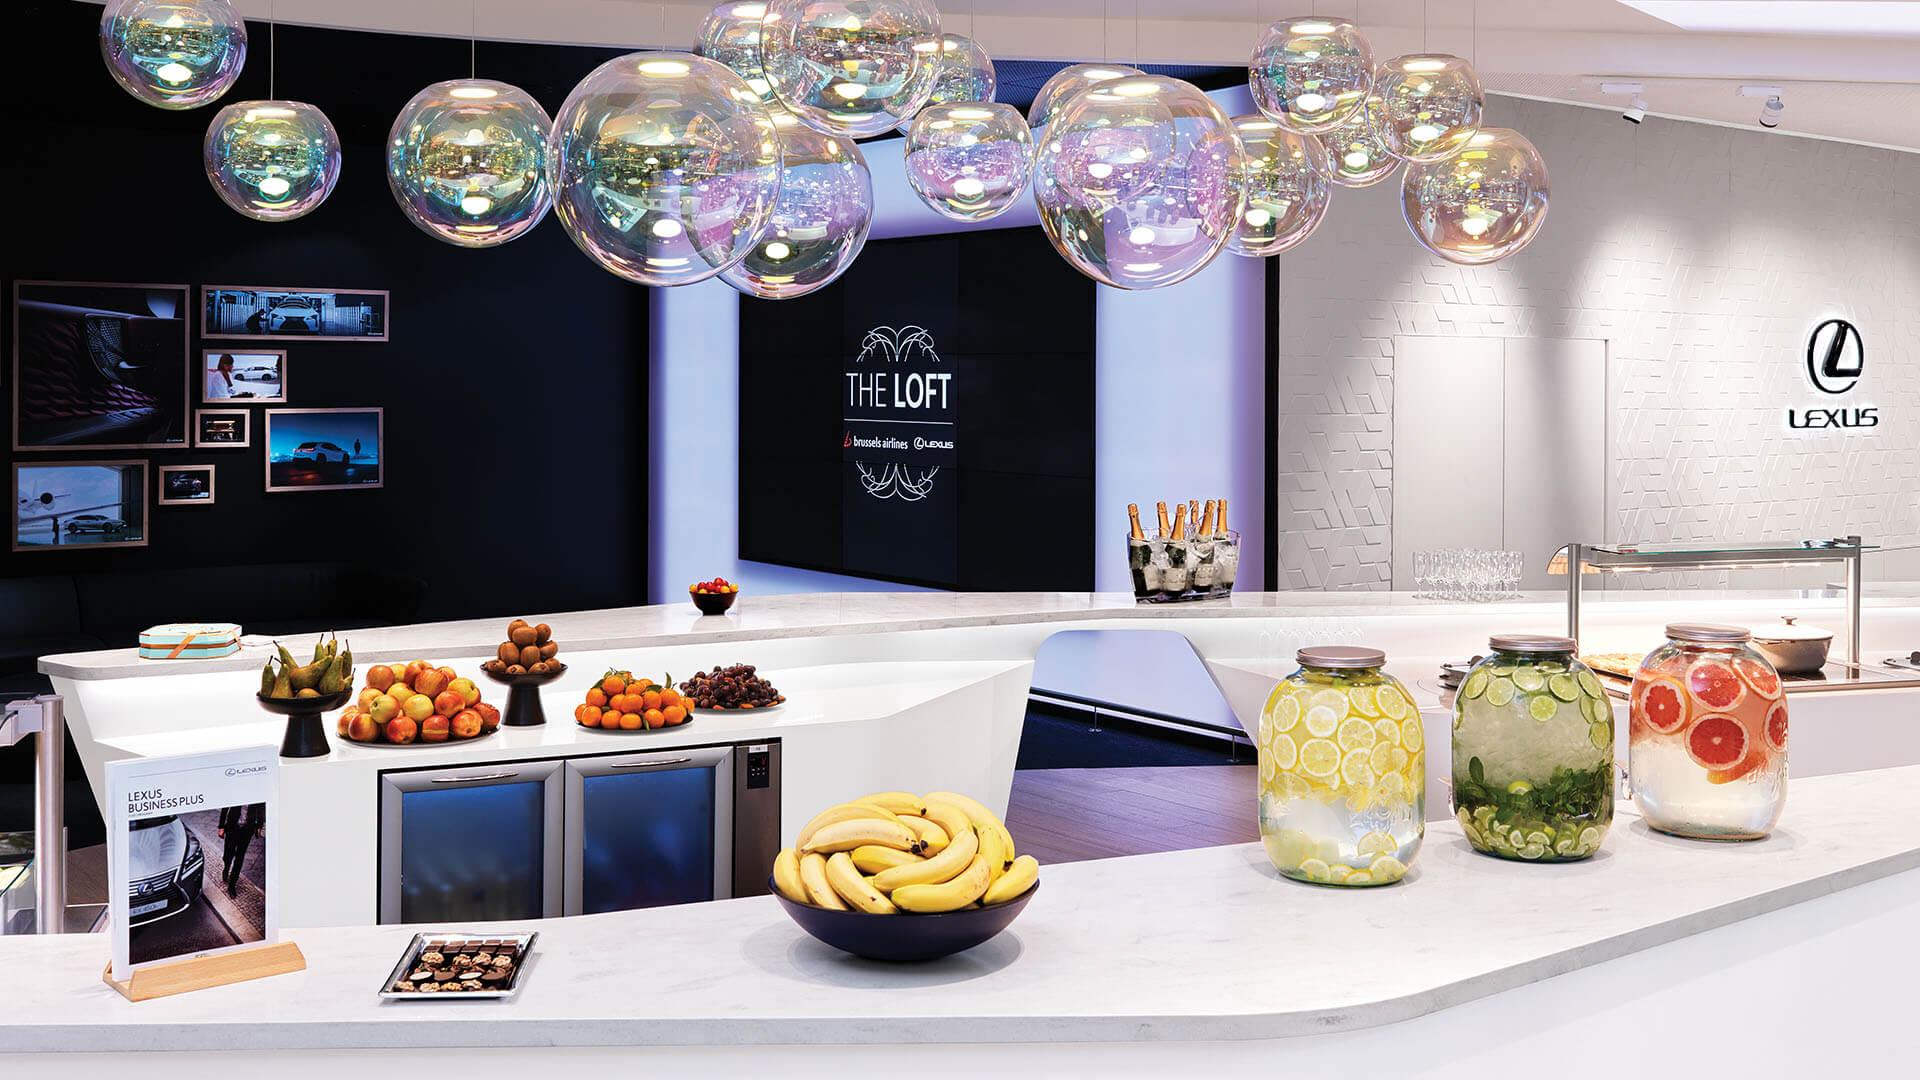 2021 The Loft 2020 bar hotspot